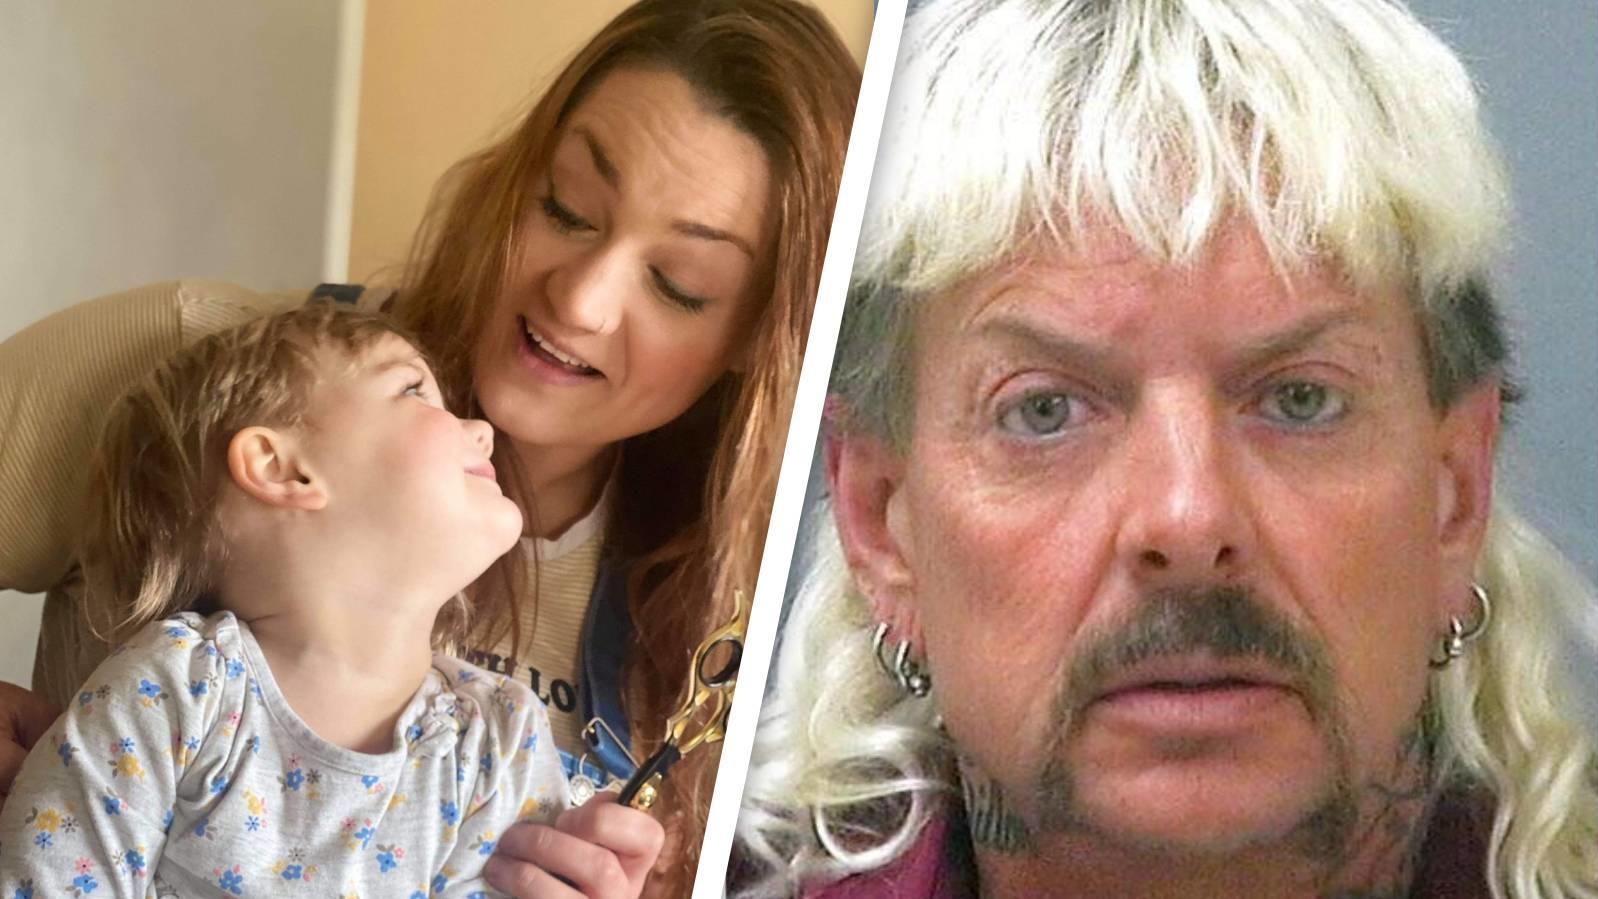 Die kleine Mylee Howard sieht nach einem selbstgemachten Haarschnitt aus wie Joe Exotic.